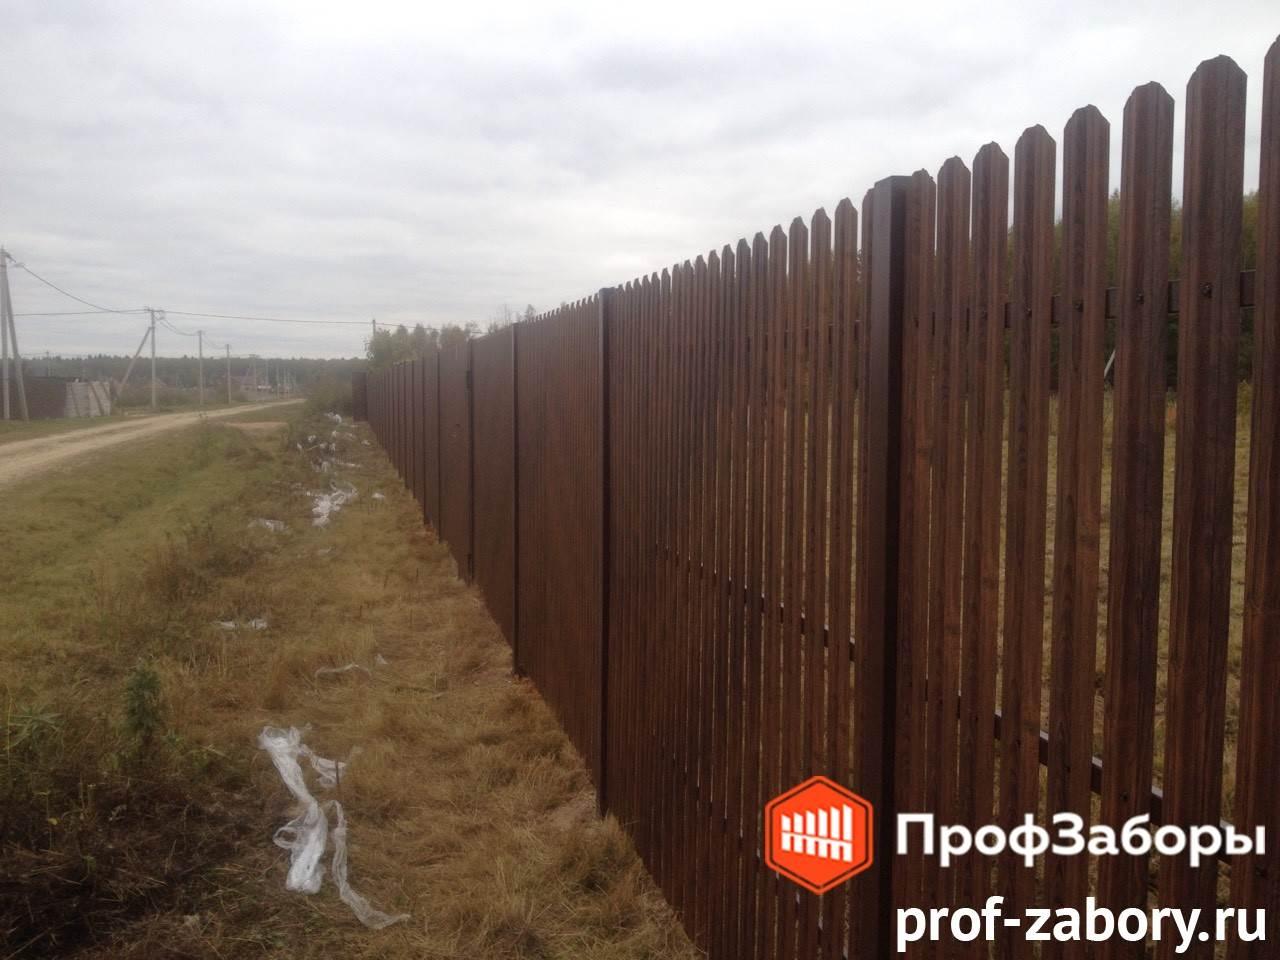 Заборы Из евроштакетника - Городской округ Подольск. Фото 4